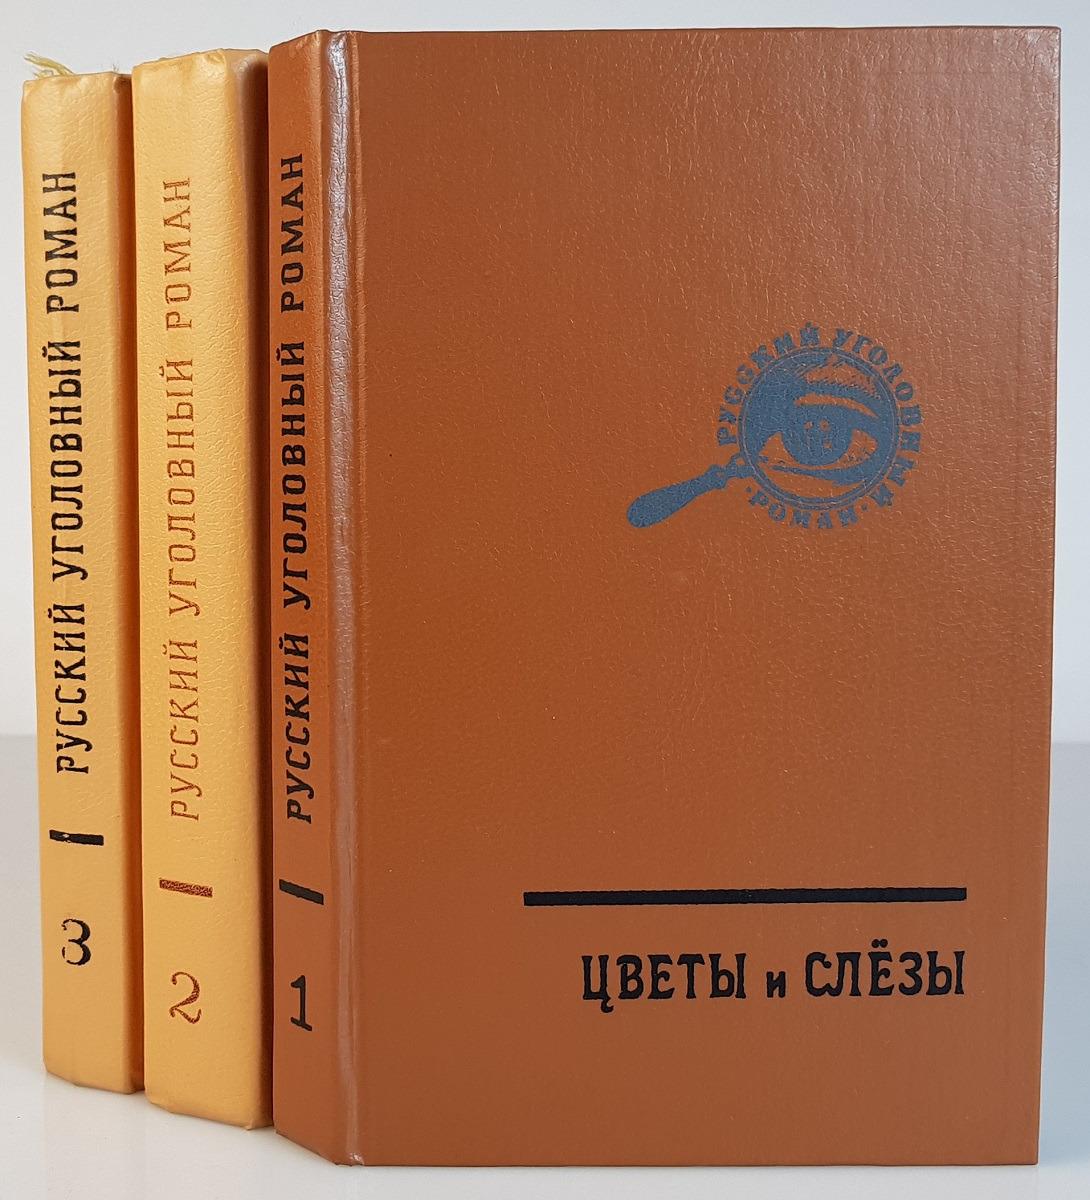 Русский уголовный роман (комплект из 3 книг) русский уголовный роман в 3 томах 2 дополнительных тома комплект из 5 книг